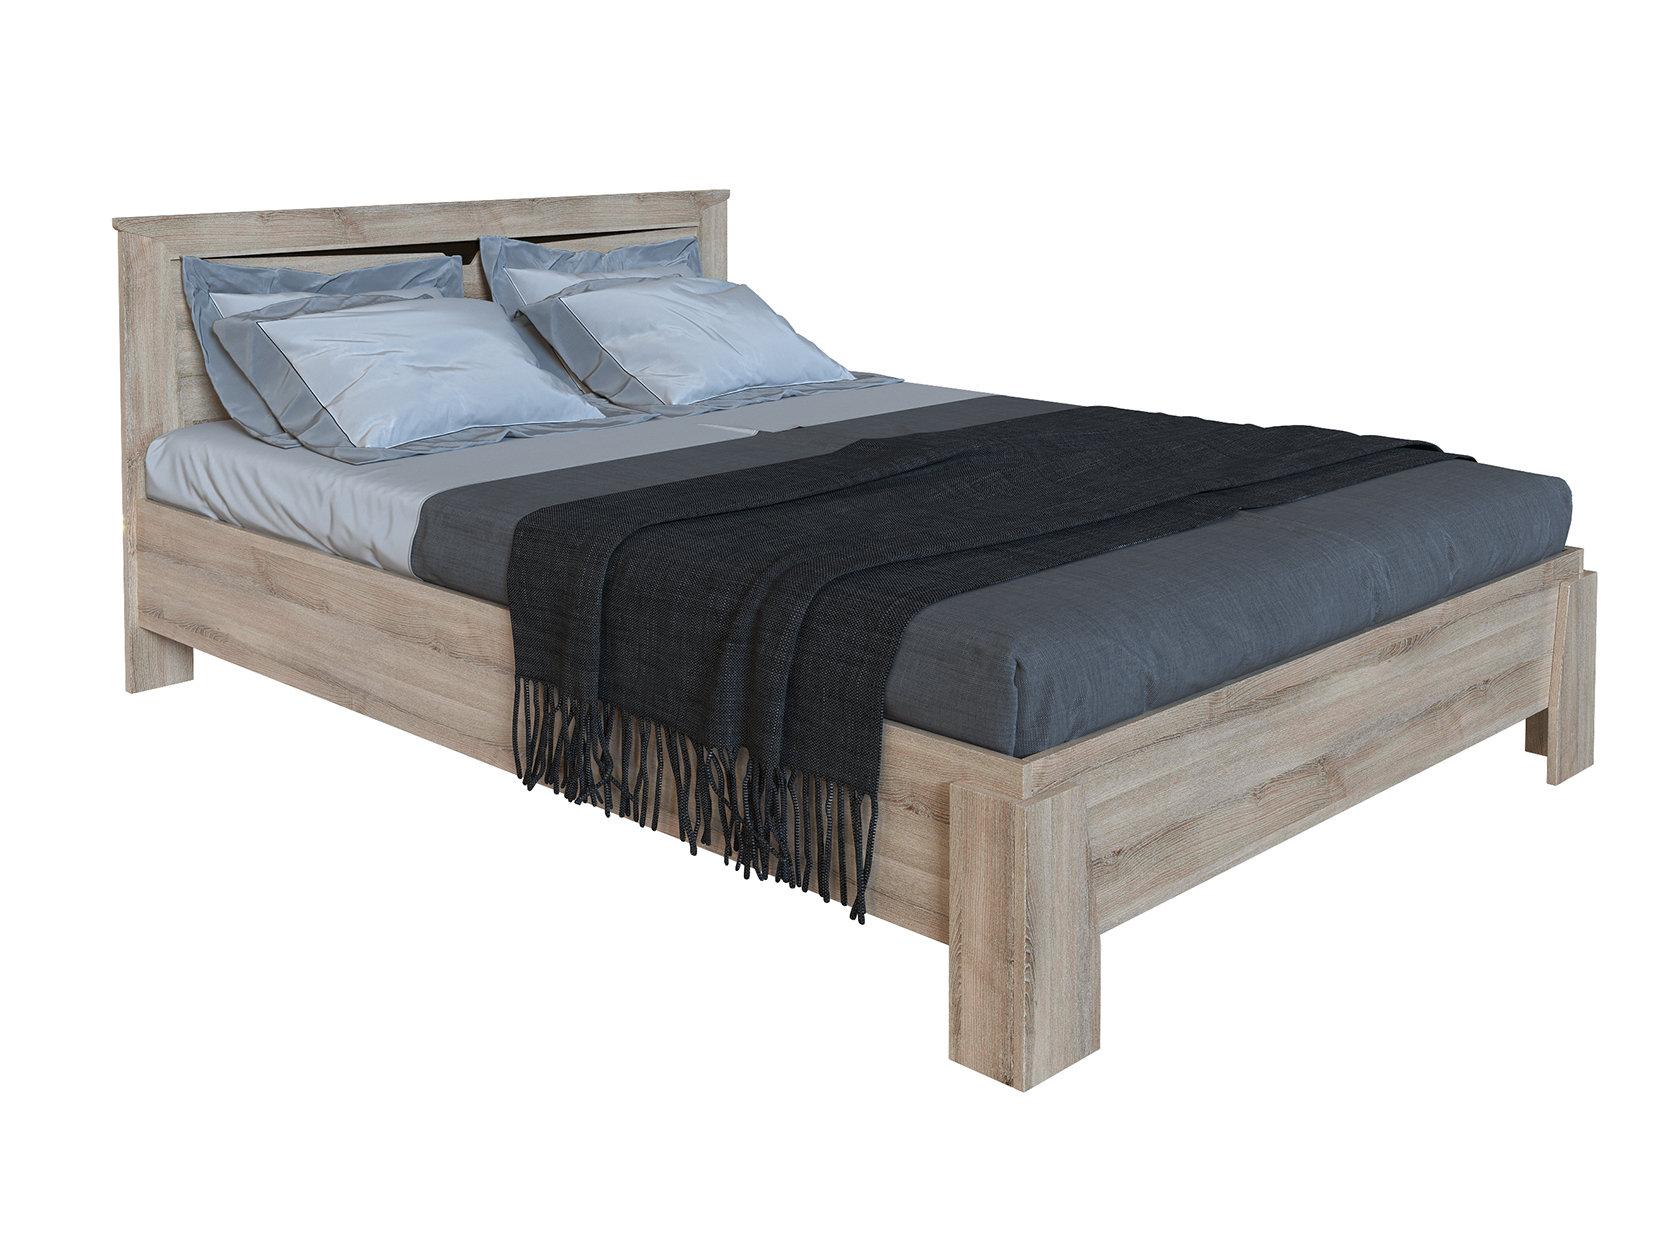 Двуспальная кровать СБК Кровать Гарда NEW Светлое дерево ,160х200 см, С основанием, Без подъемного механизма